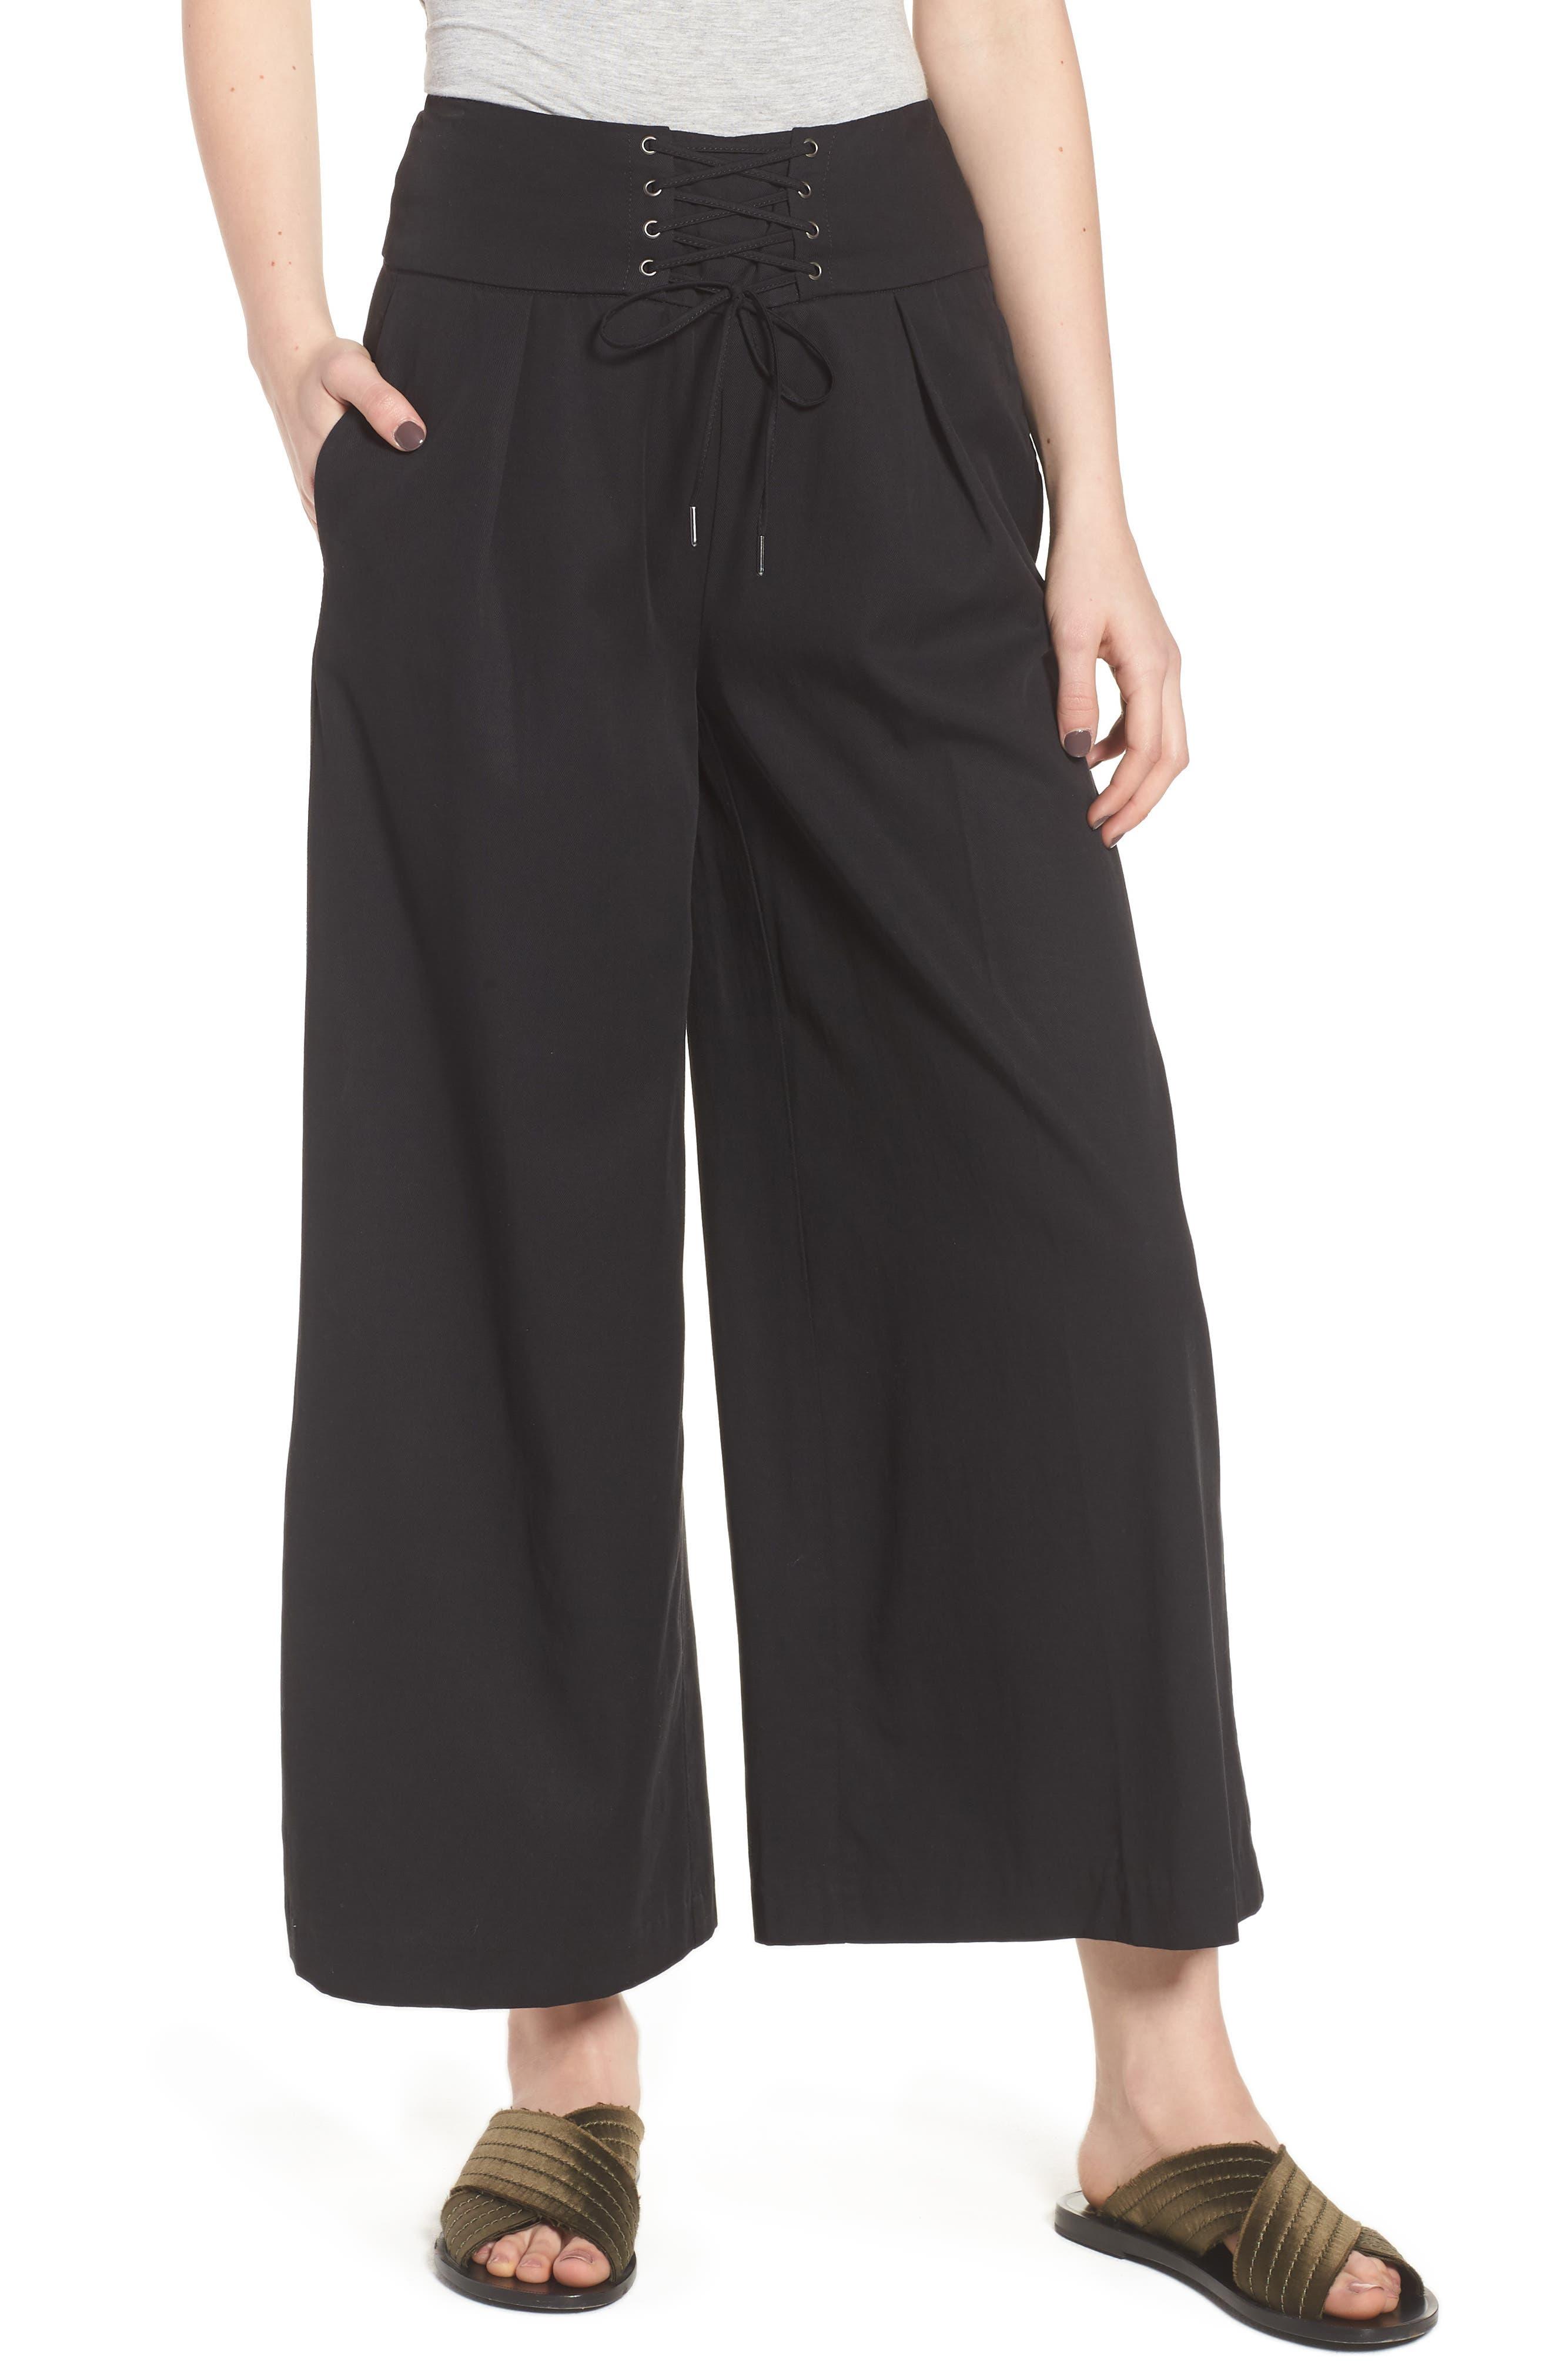 PAIGE Charisma Lace-Up Wide Leg Pants